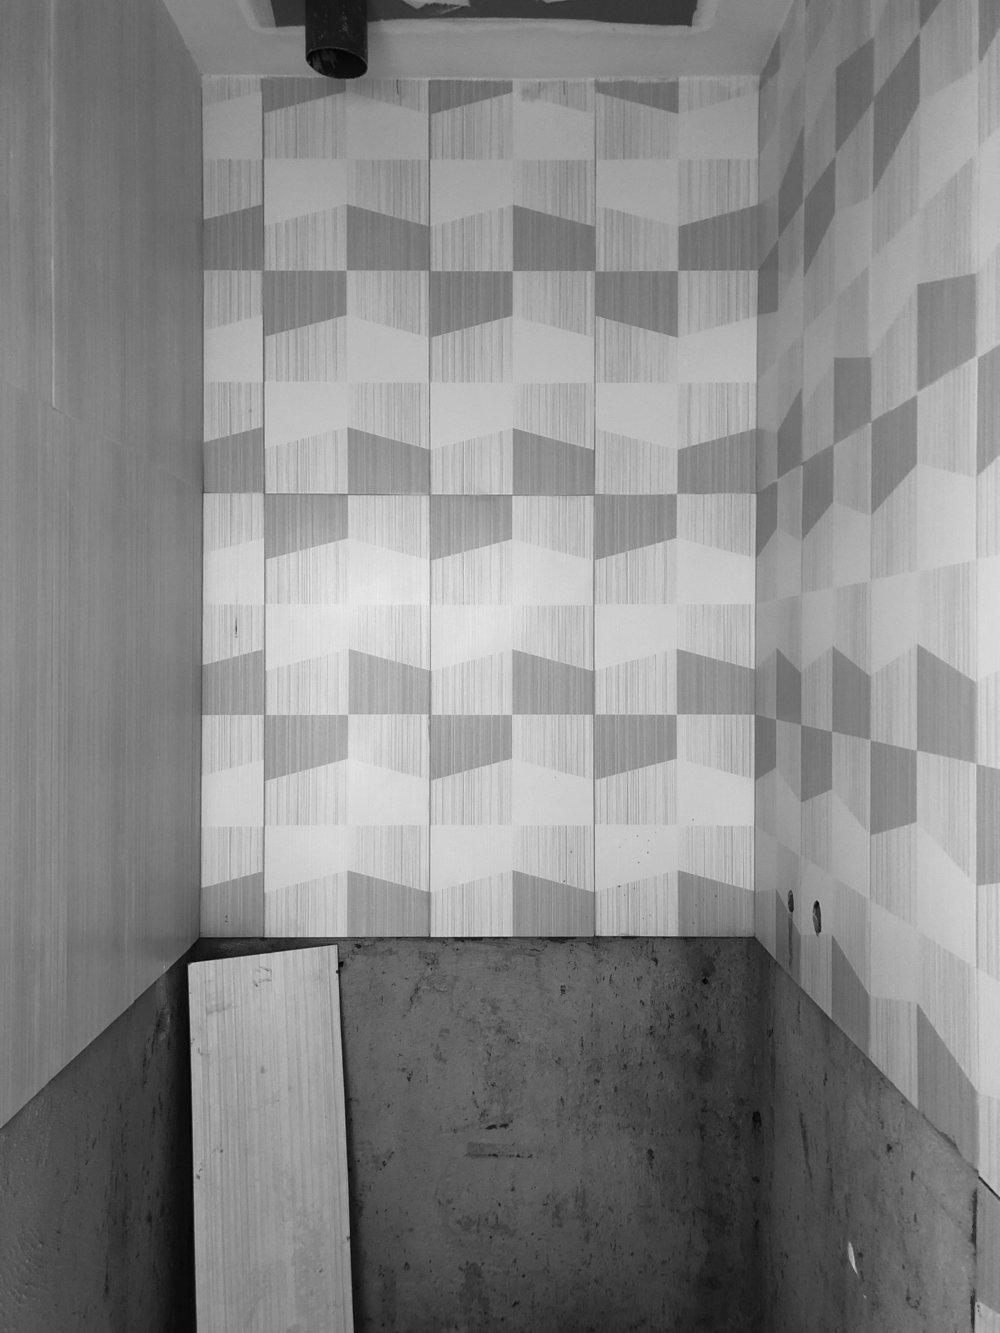 Moradia Coelhosa - EVA - evolutionary architecture - Vale de Cambra - arquitectos - Porto - remodelação (10).jpg